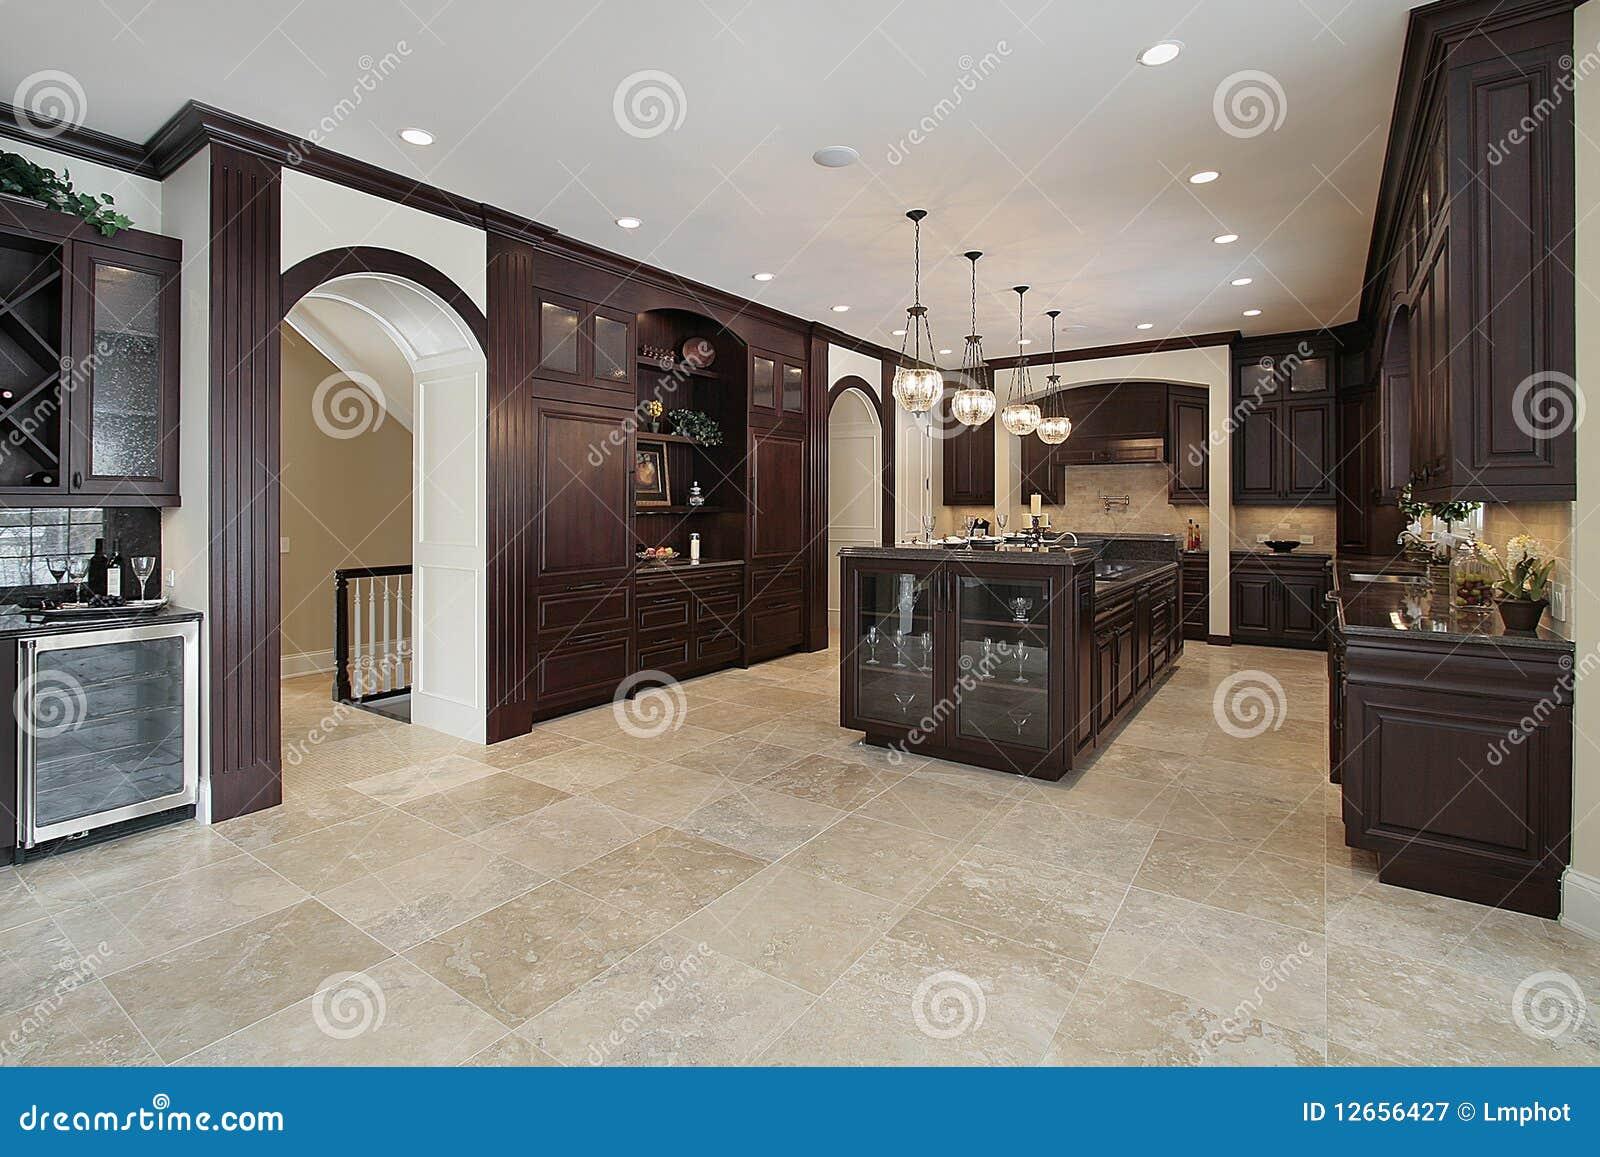 Küche mit dunklem hölzernem Cabinetry